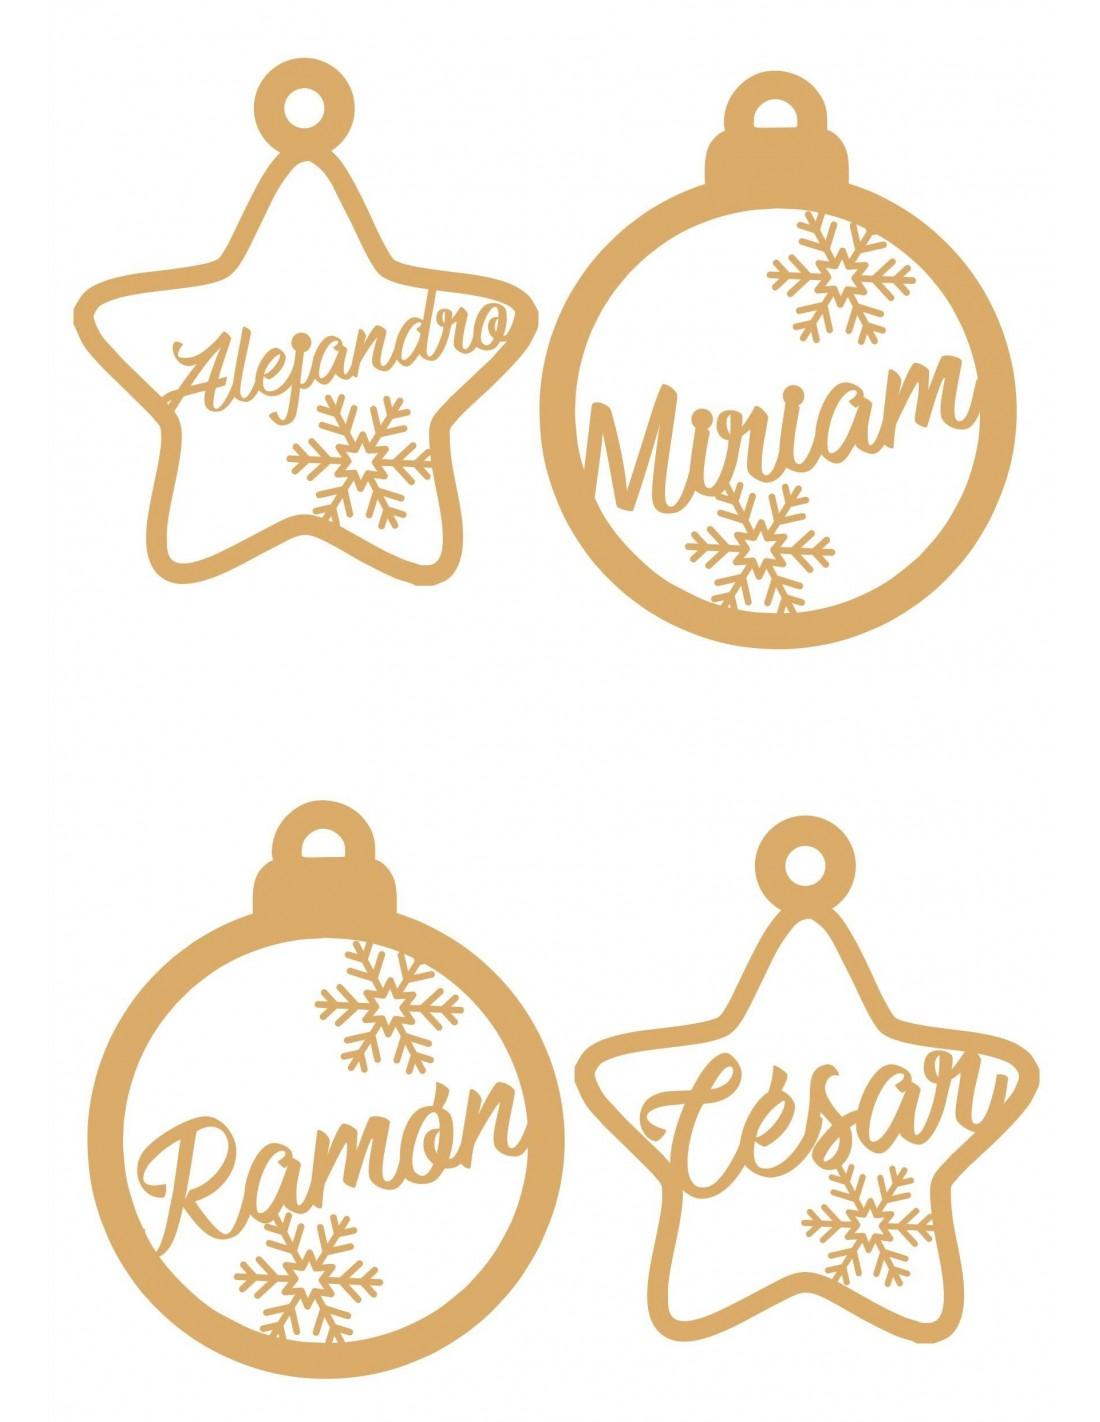 Adornos navide os para el arbol de navidad personalizados for Adornos navidenos para el arbol